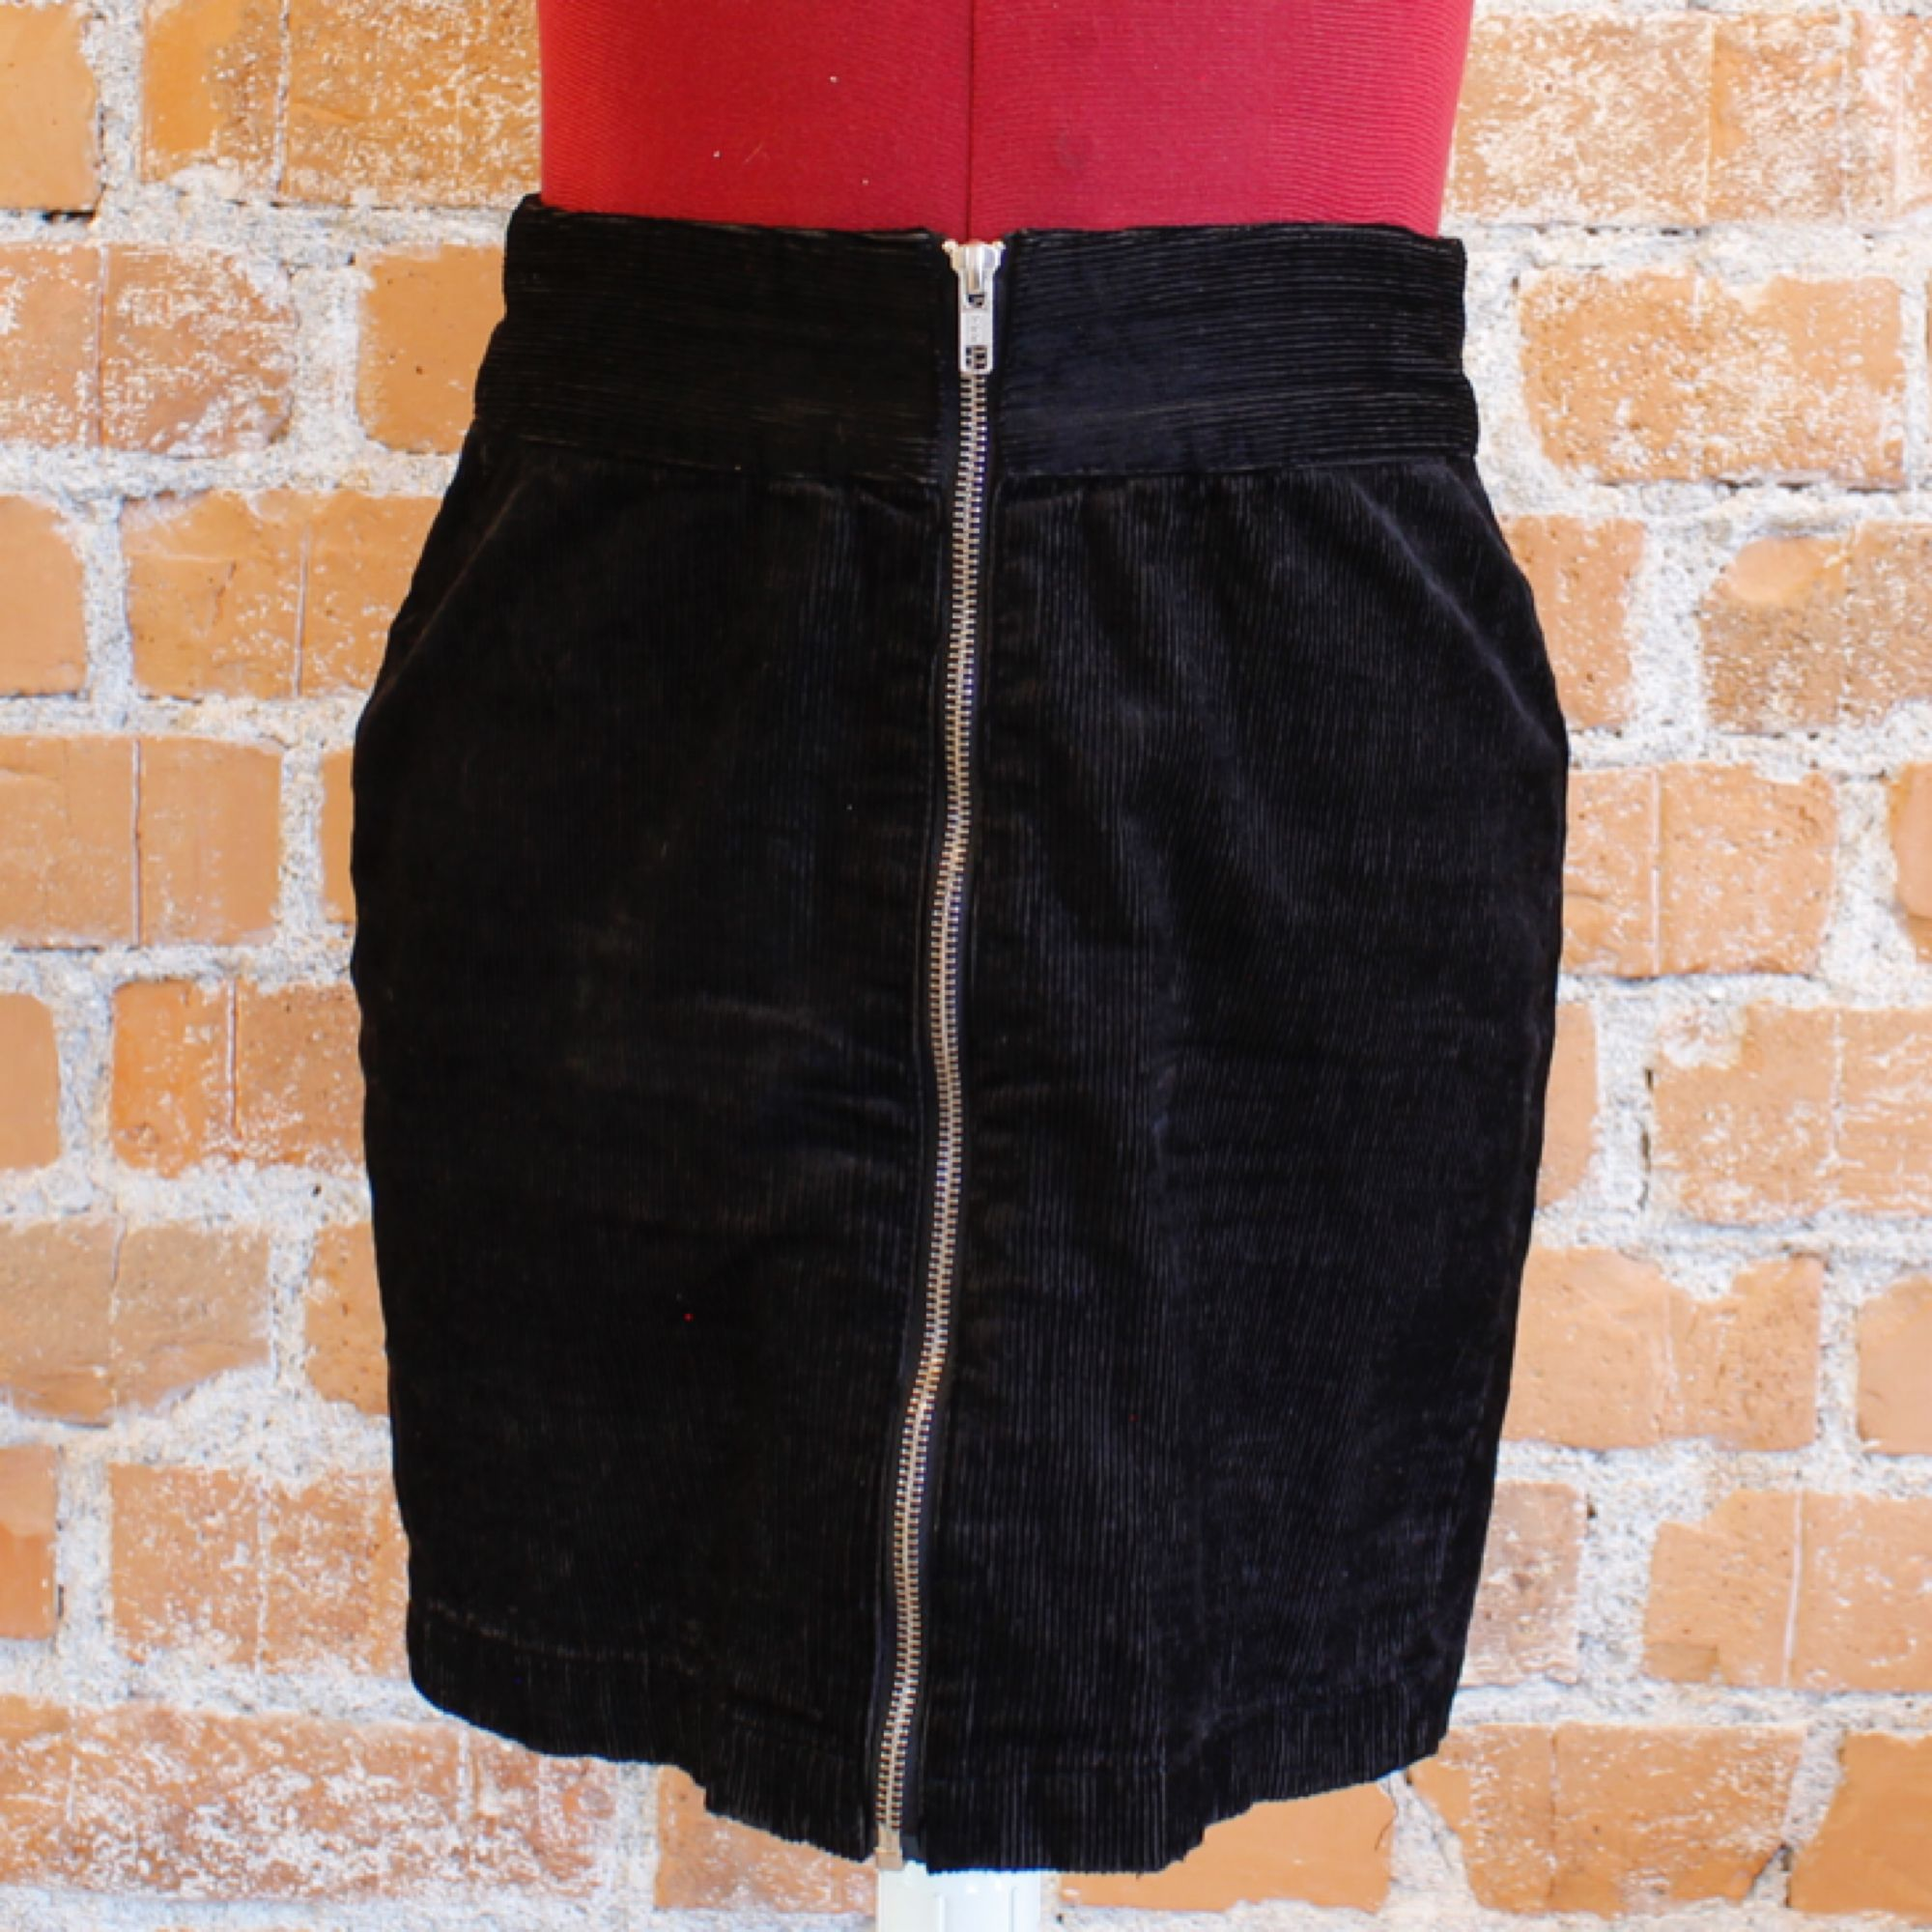 Manchesterkjol i strl 36, svart, fint skick. Frakt 36kr 50%bomull, 48% viskos, 2% elastan. Kjolar.